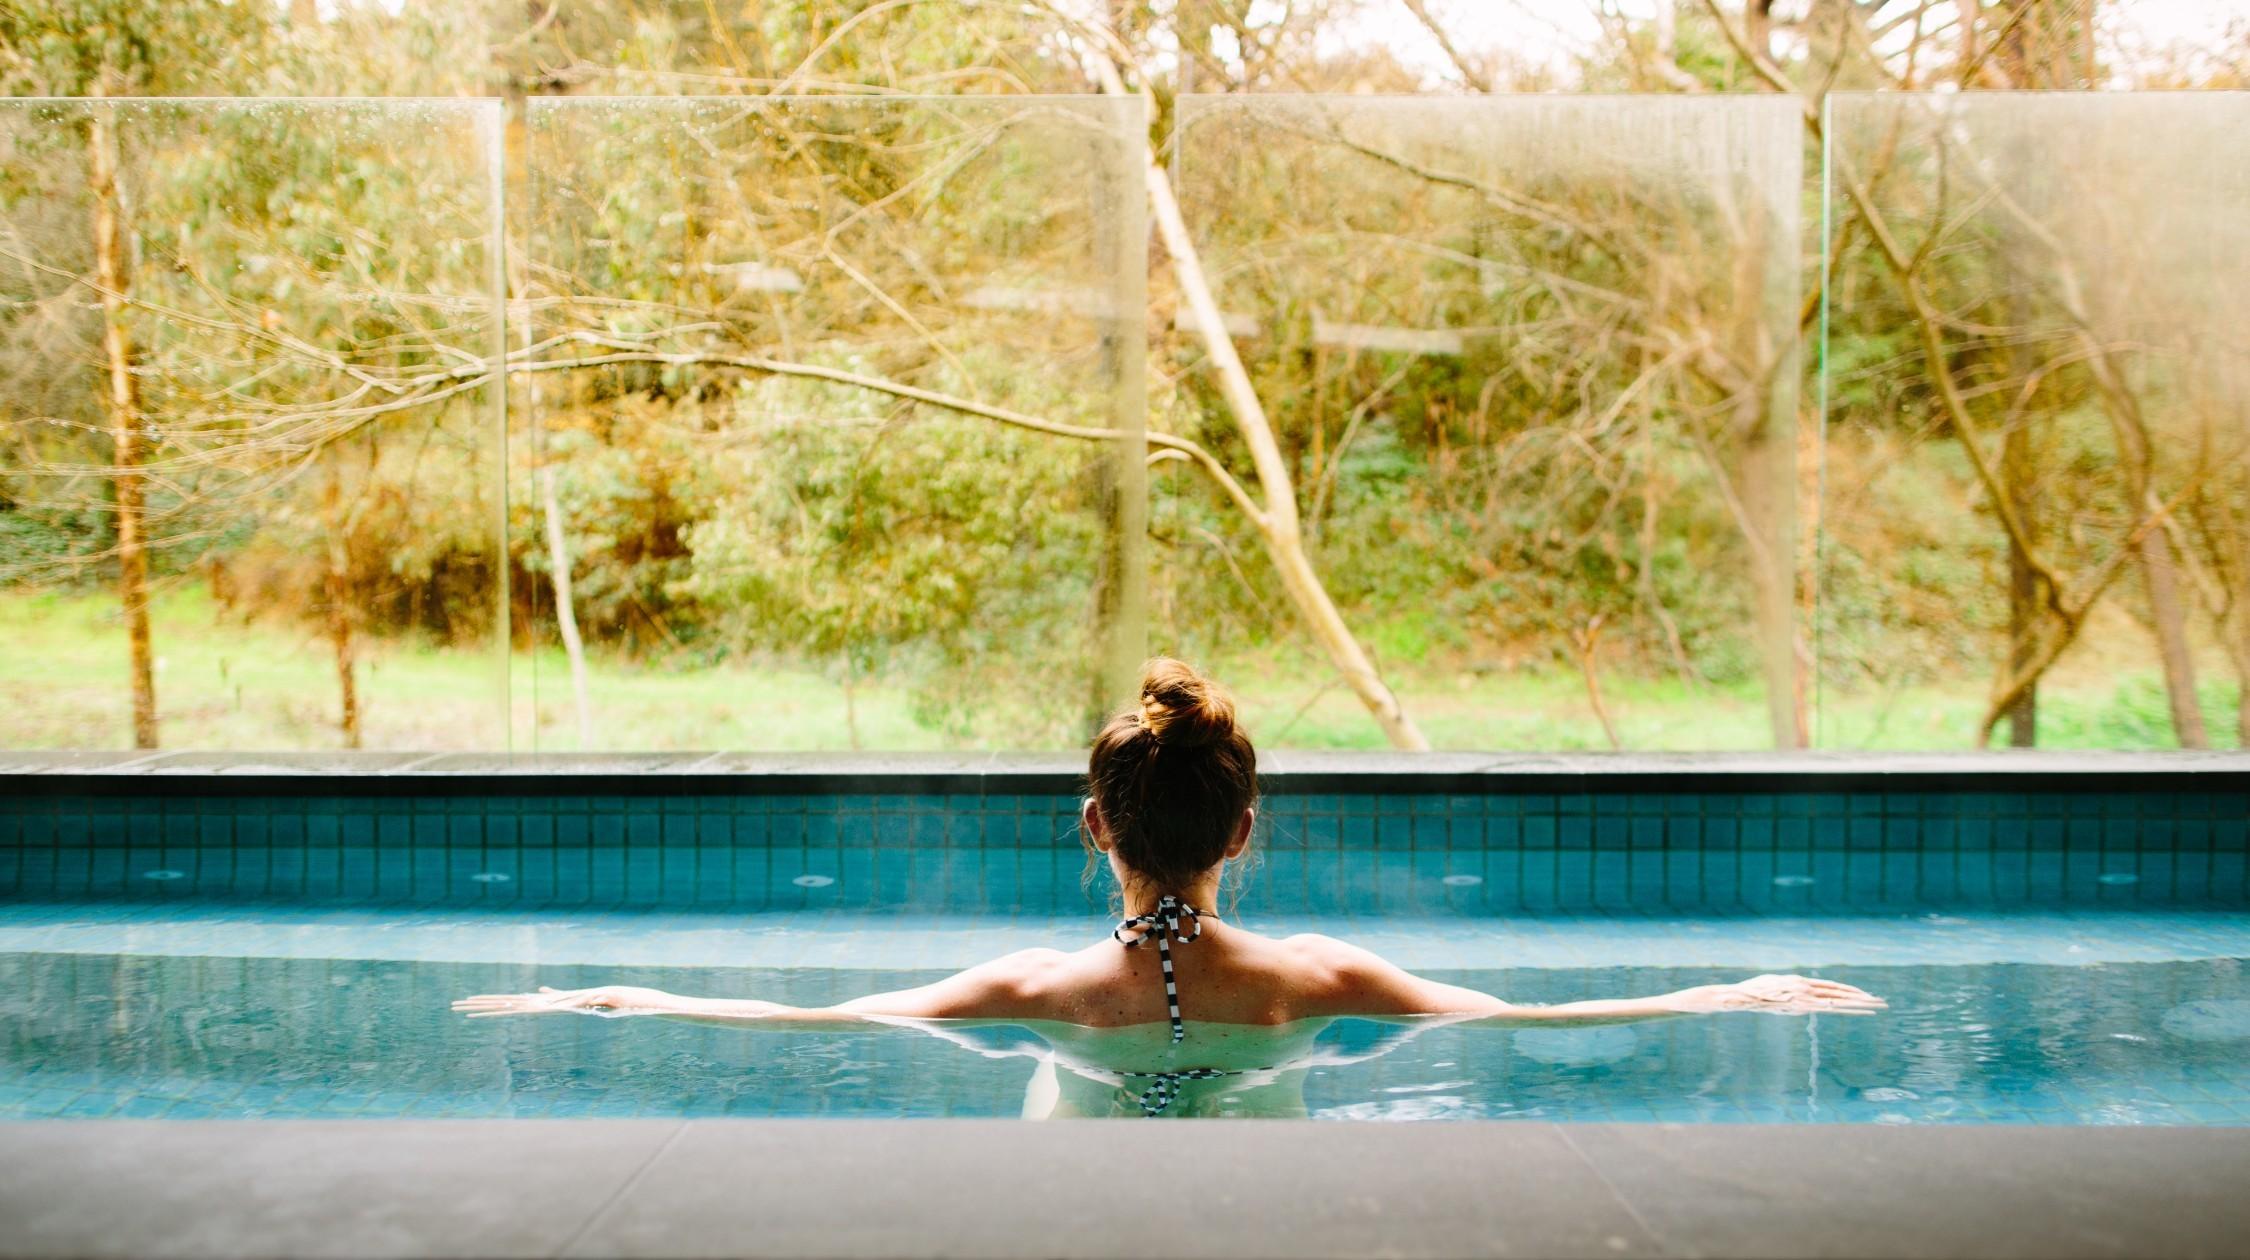 Hepburn Springs pool